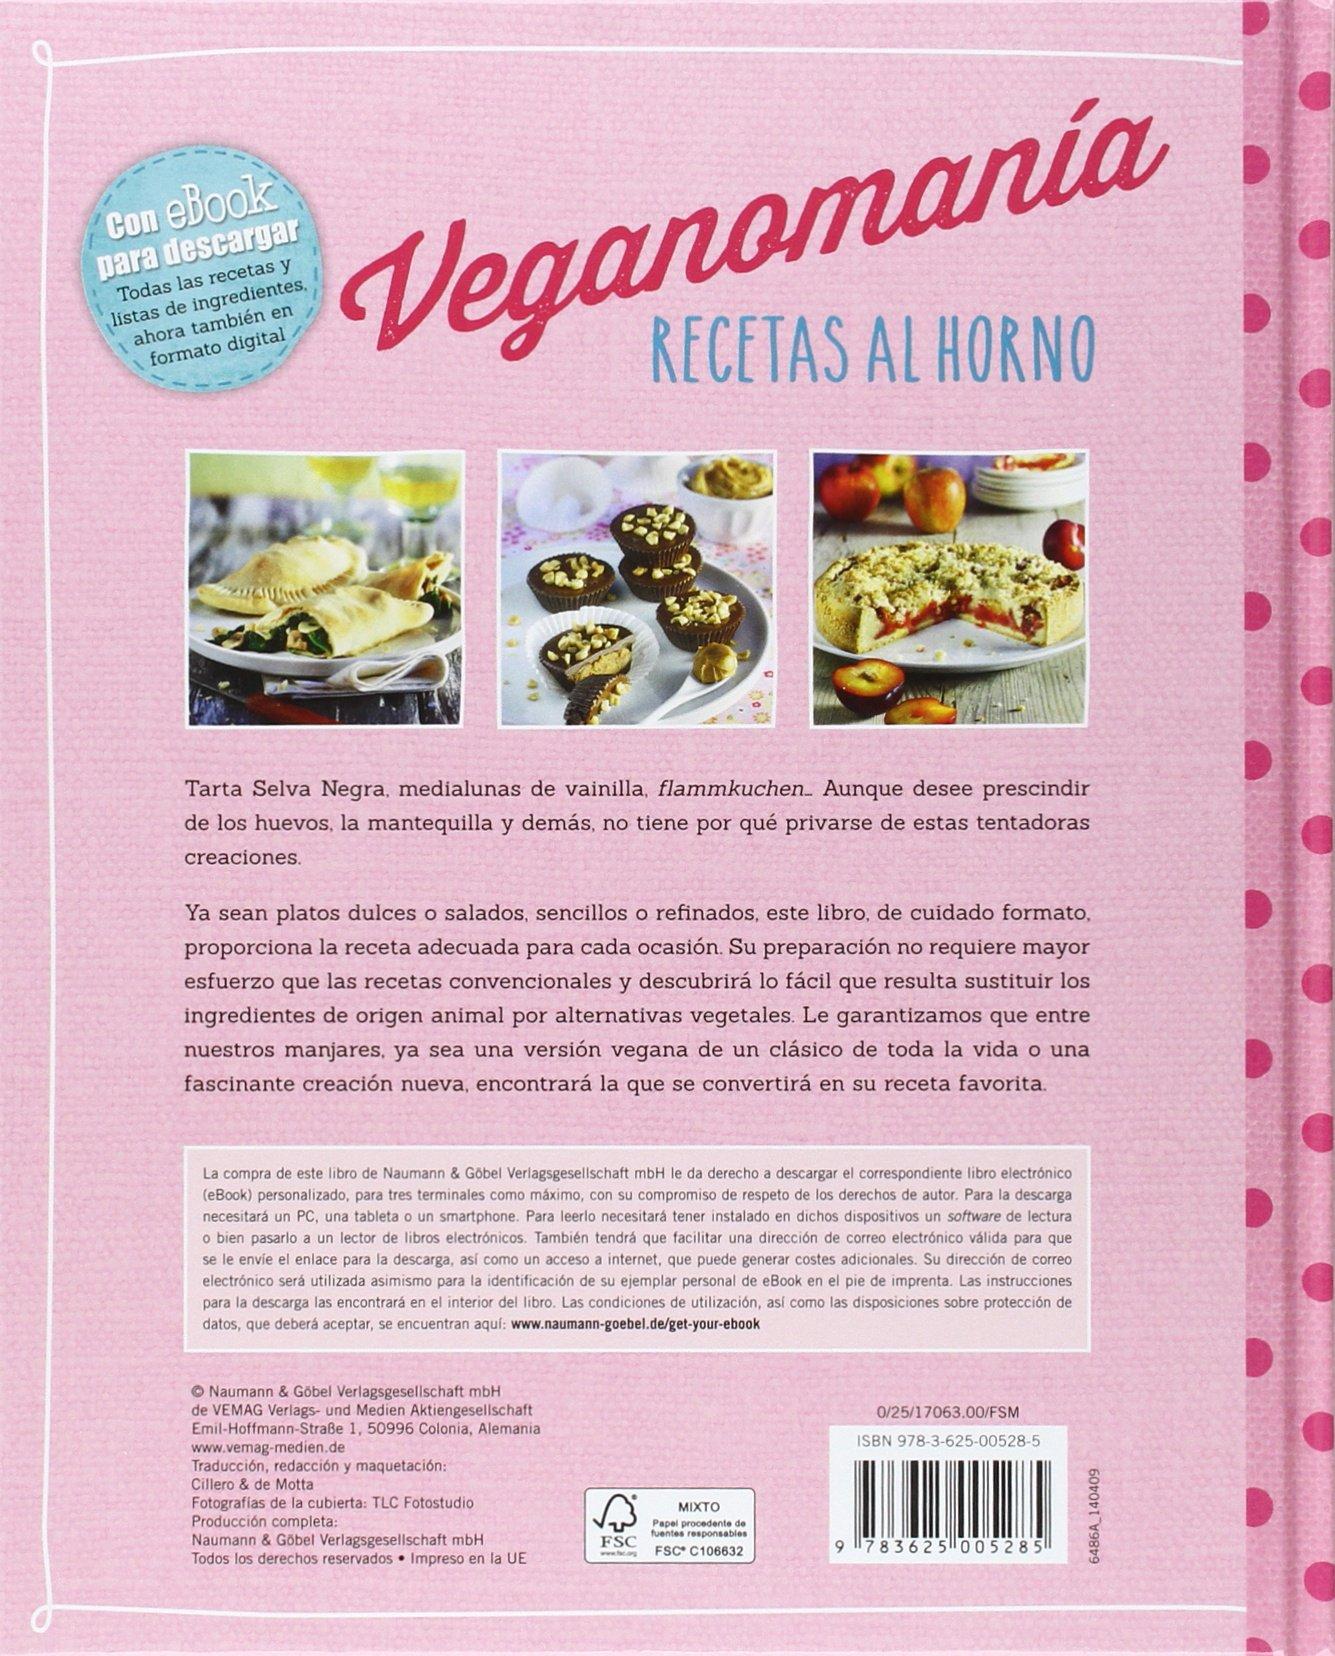 Recetas Al Horno (Veganomanía): Amazon.es: Vv.Aa.: Libros